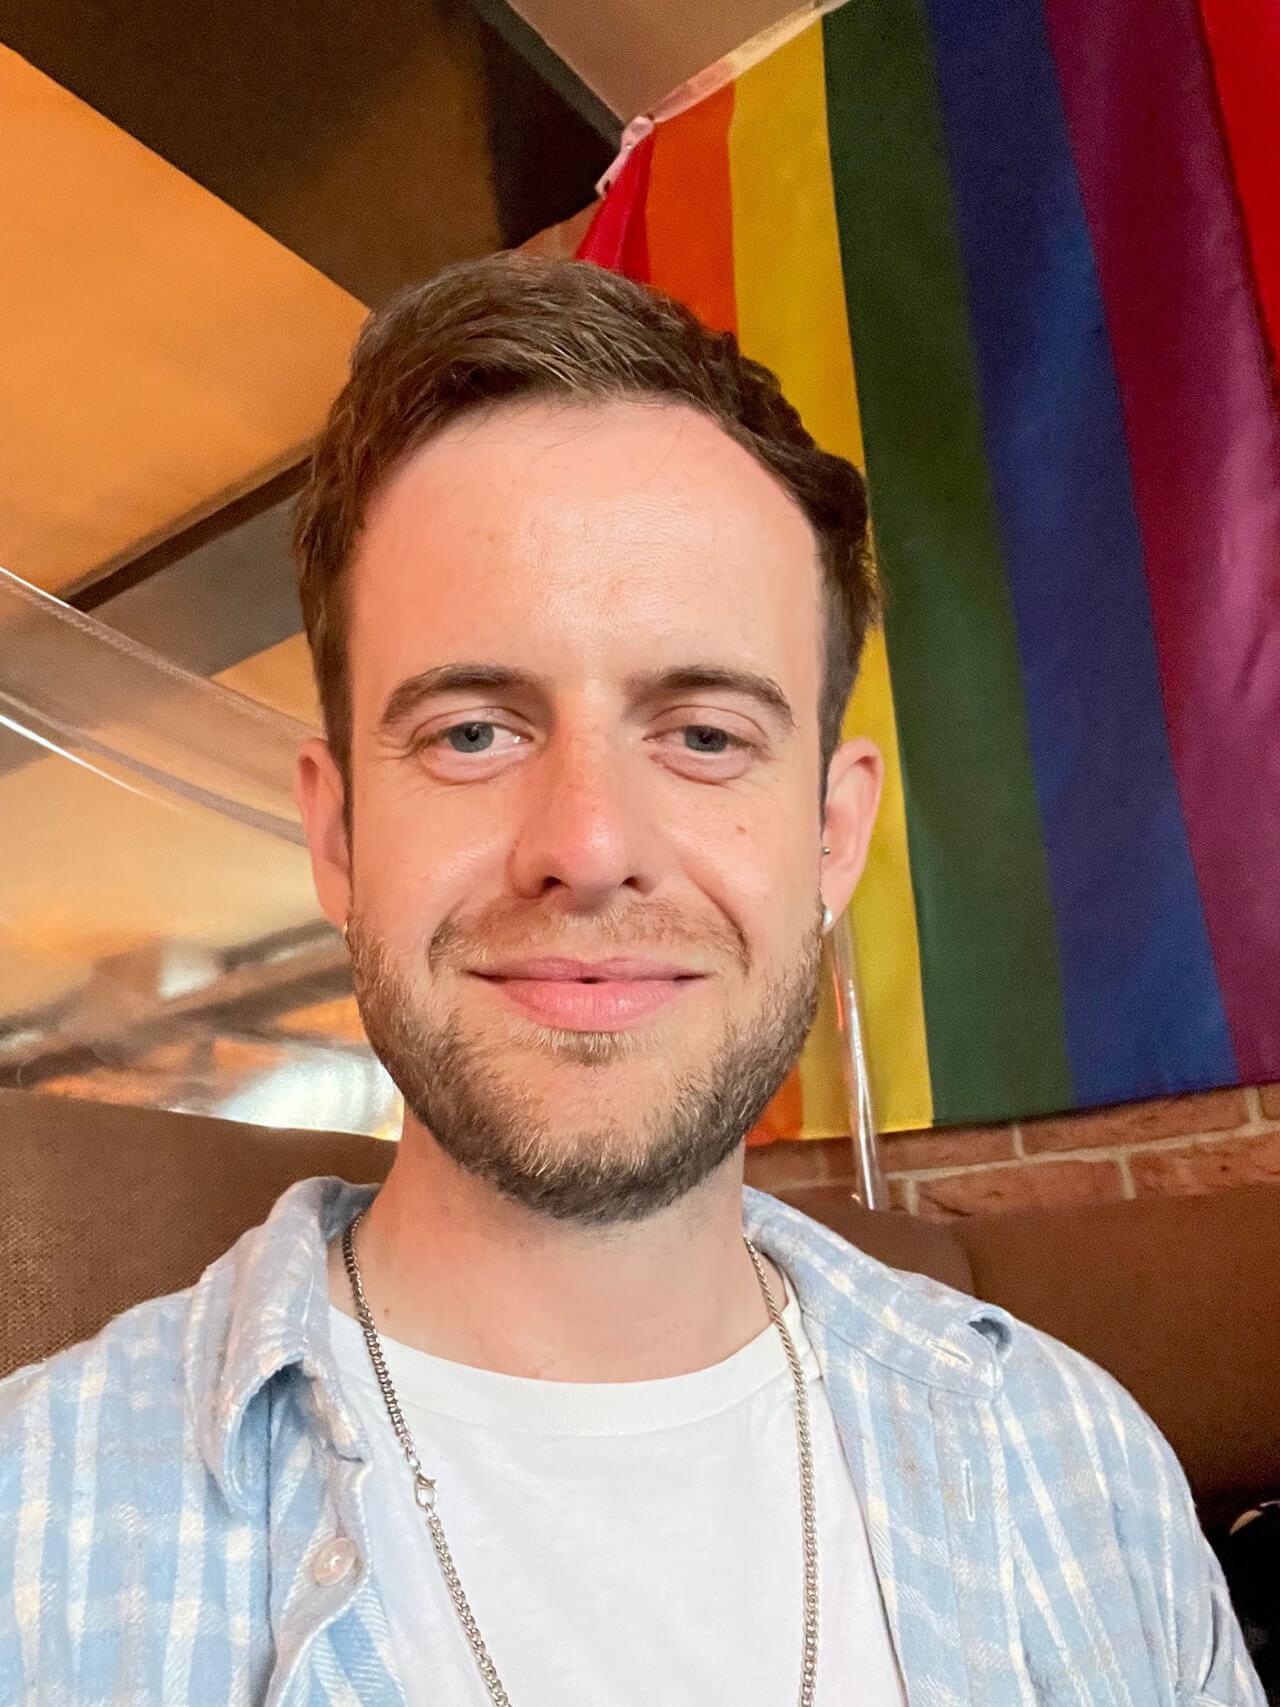 Photo of a man wearing a blue shirt, a rainbow flag behind him